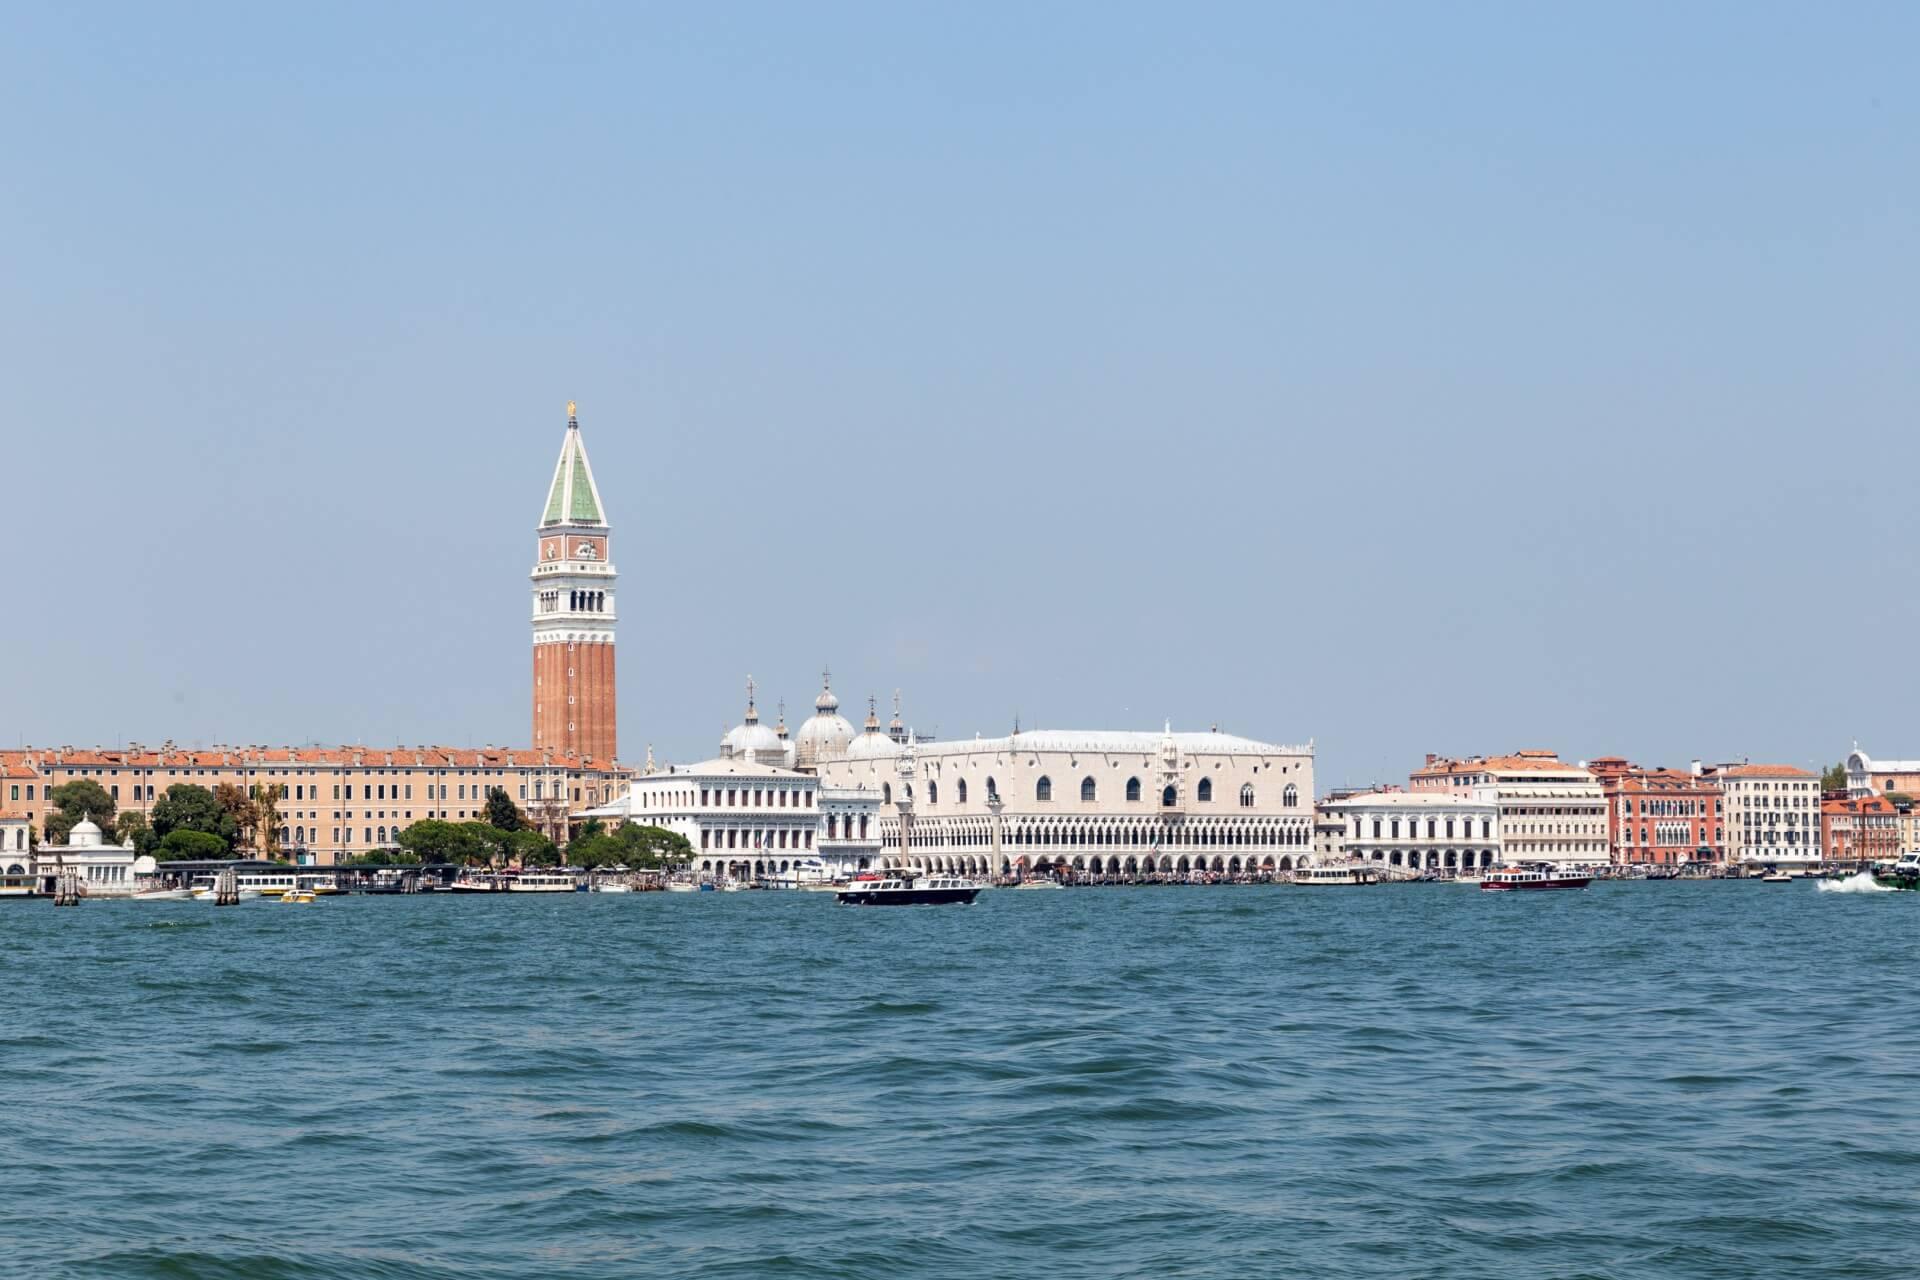 Venedig von Giudecca aus gesehen